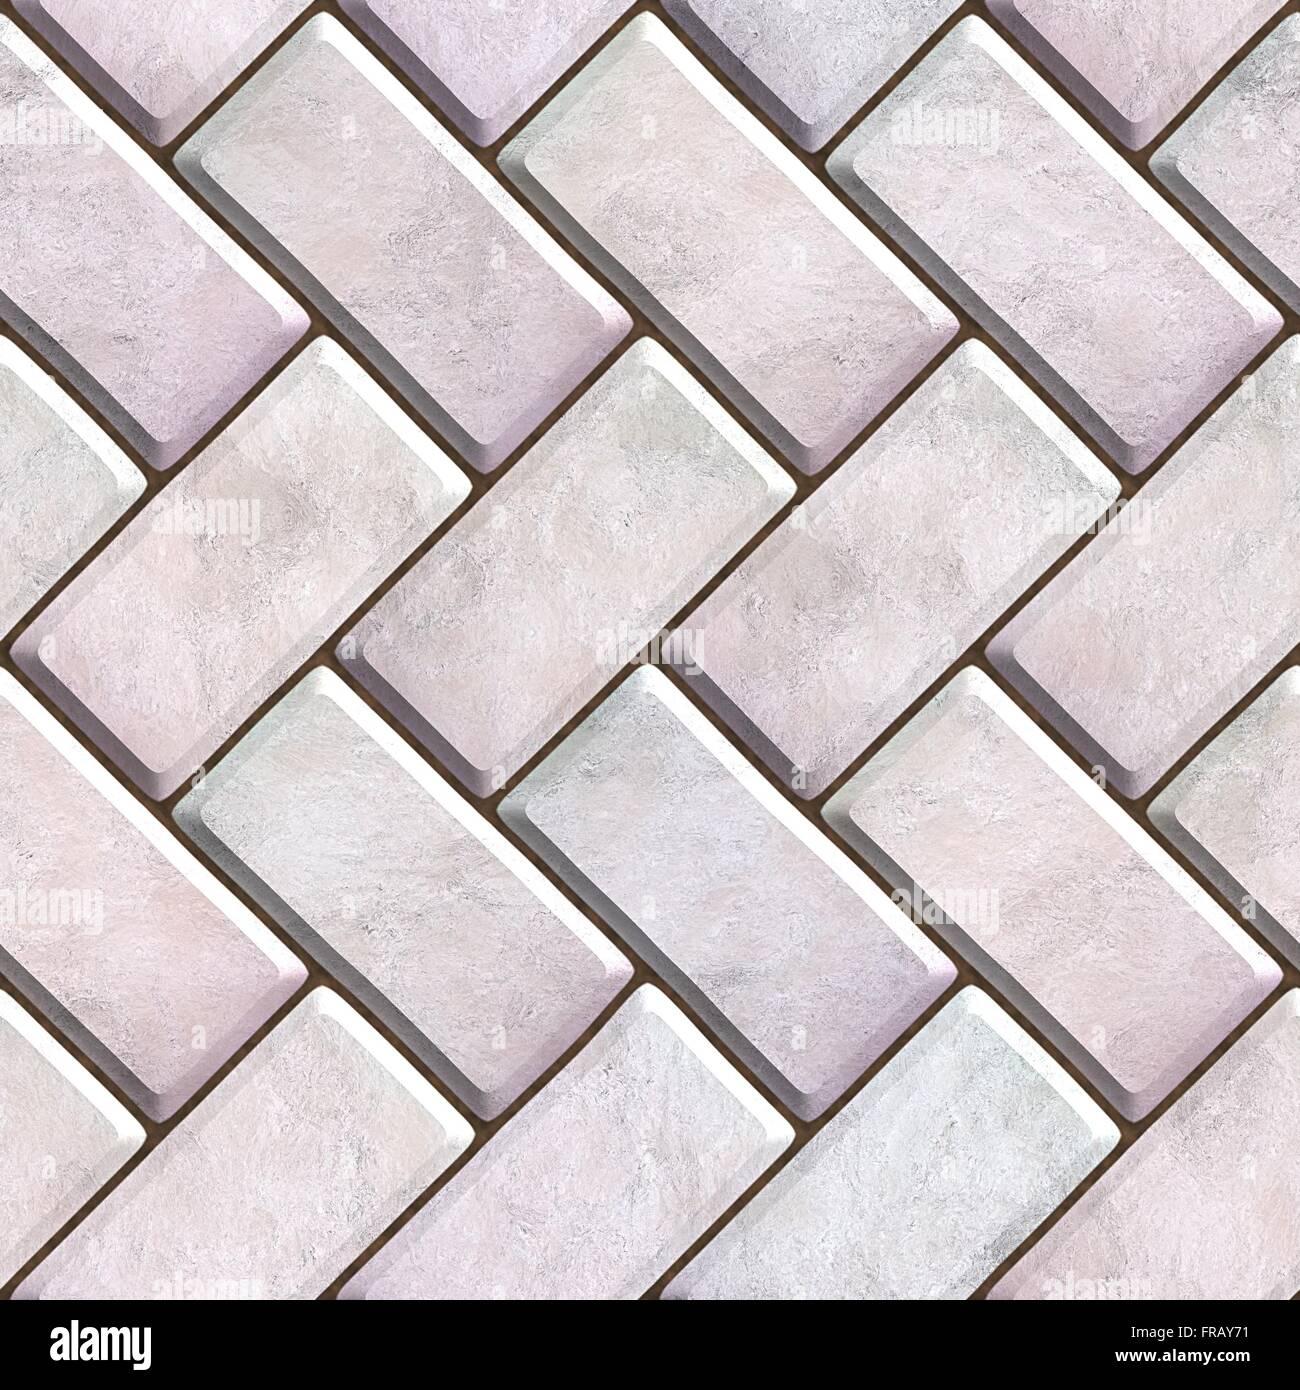 pavers seamless texture stock photo 100429813 alamy